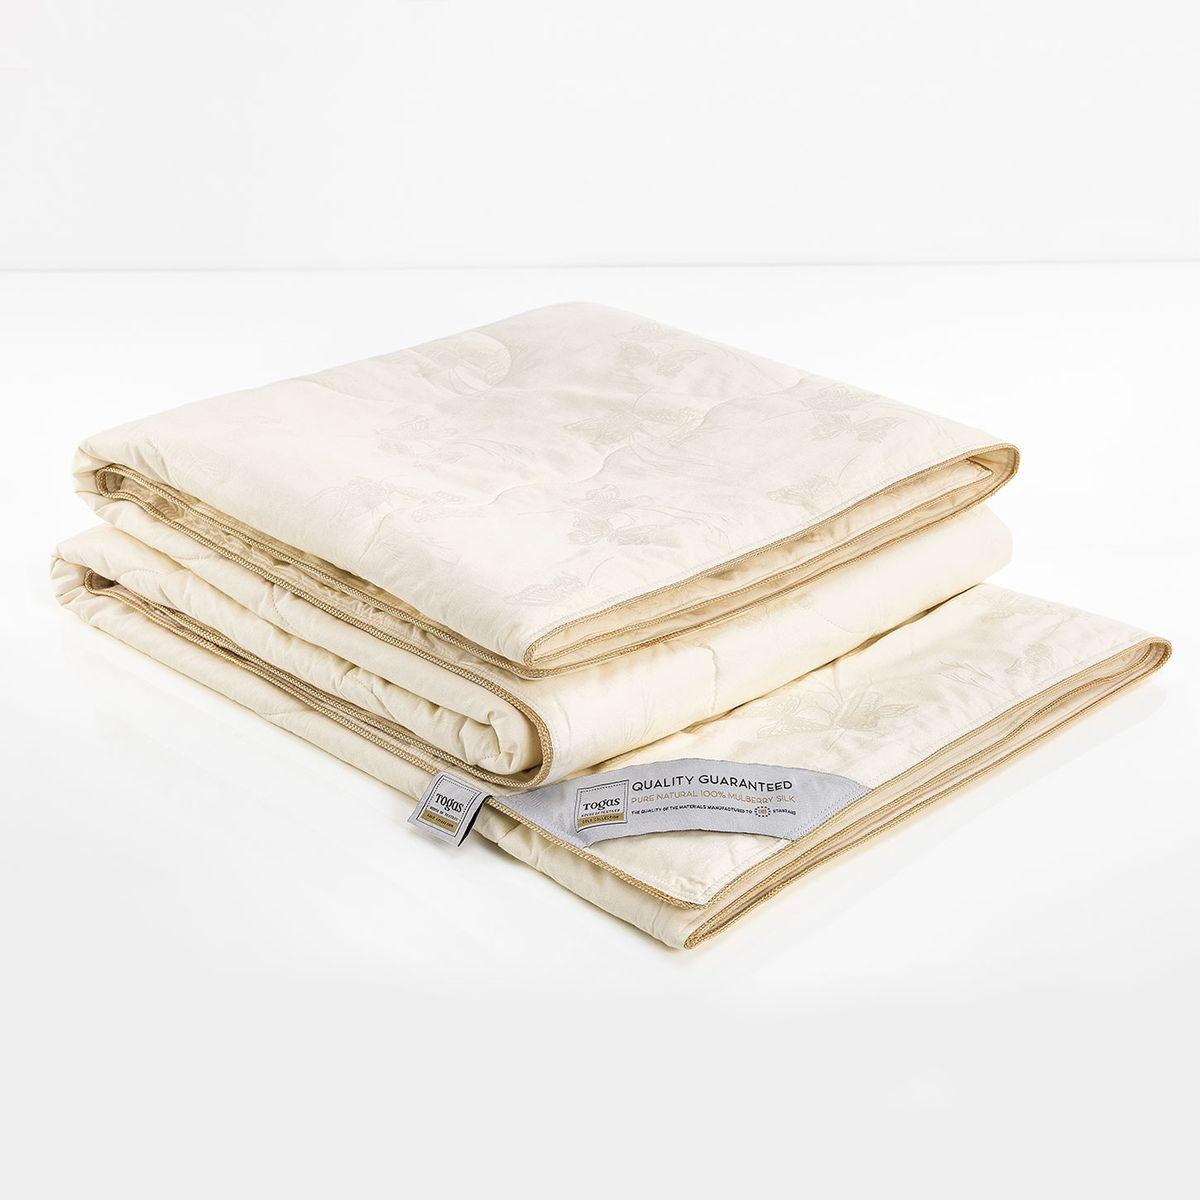 """Одеяло Баттерфляй шелк в сатине, 220 х 240 см. 47.5347.53Одеяло """"Шелк в сатине» - настоящий подарок для перфекционистов и утонченных ценителей красоты. Роскошный сатин, из которого выполнен чехол, по праву считается «королем» хлопка. Изысканный глянец, позволяющий сравнить его с шелком, достигается благодаря особому переплетению волокон, придающему ткани шелковистую мягкость и прочность. Он прост в уходе и почти не мнется. Такой чехол, без сомнения, достоин своего драгоценного содержимого! Наполнитель из натурального шелка сорта Малбери отличается особой мягкостью и абсолютной невесомостью."""